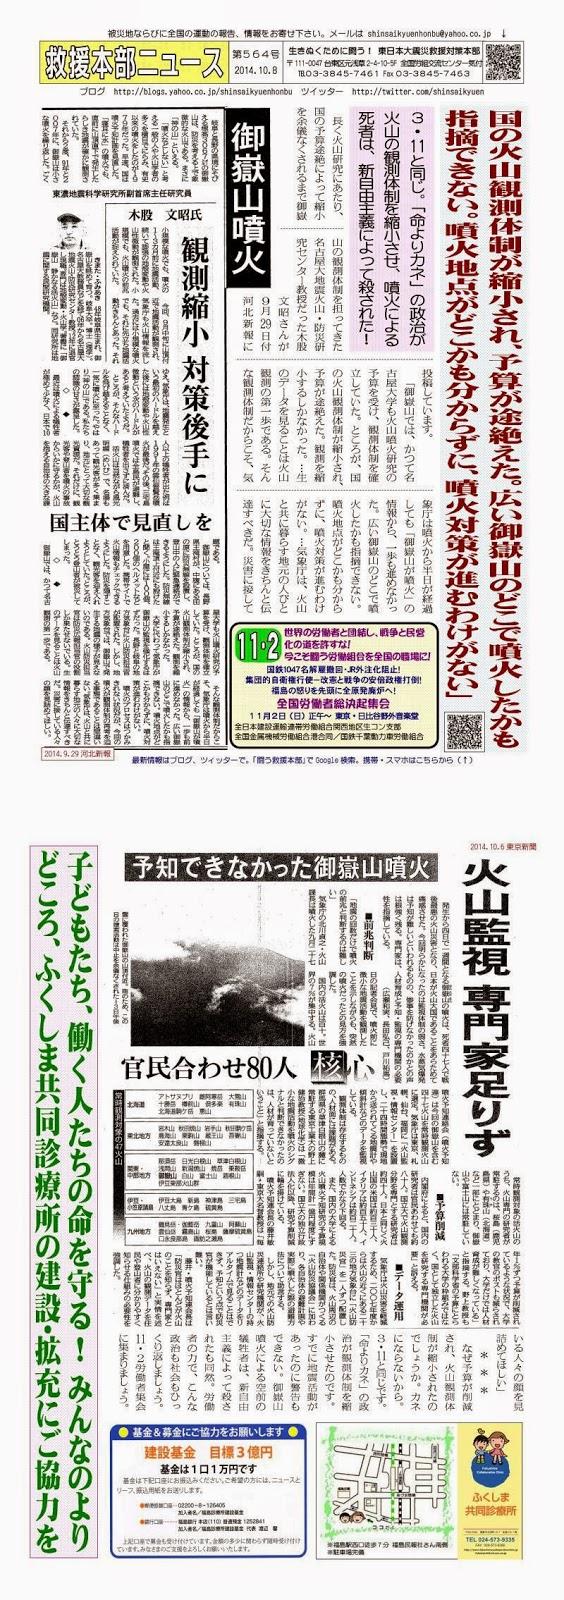 http://blogs.yahoo.co.jp/shinsaikyuenhonbu/12628359.html